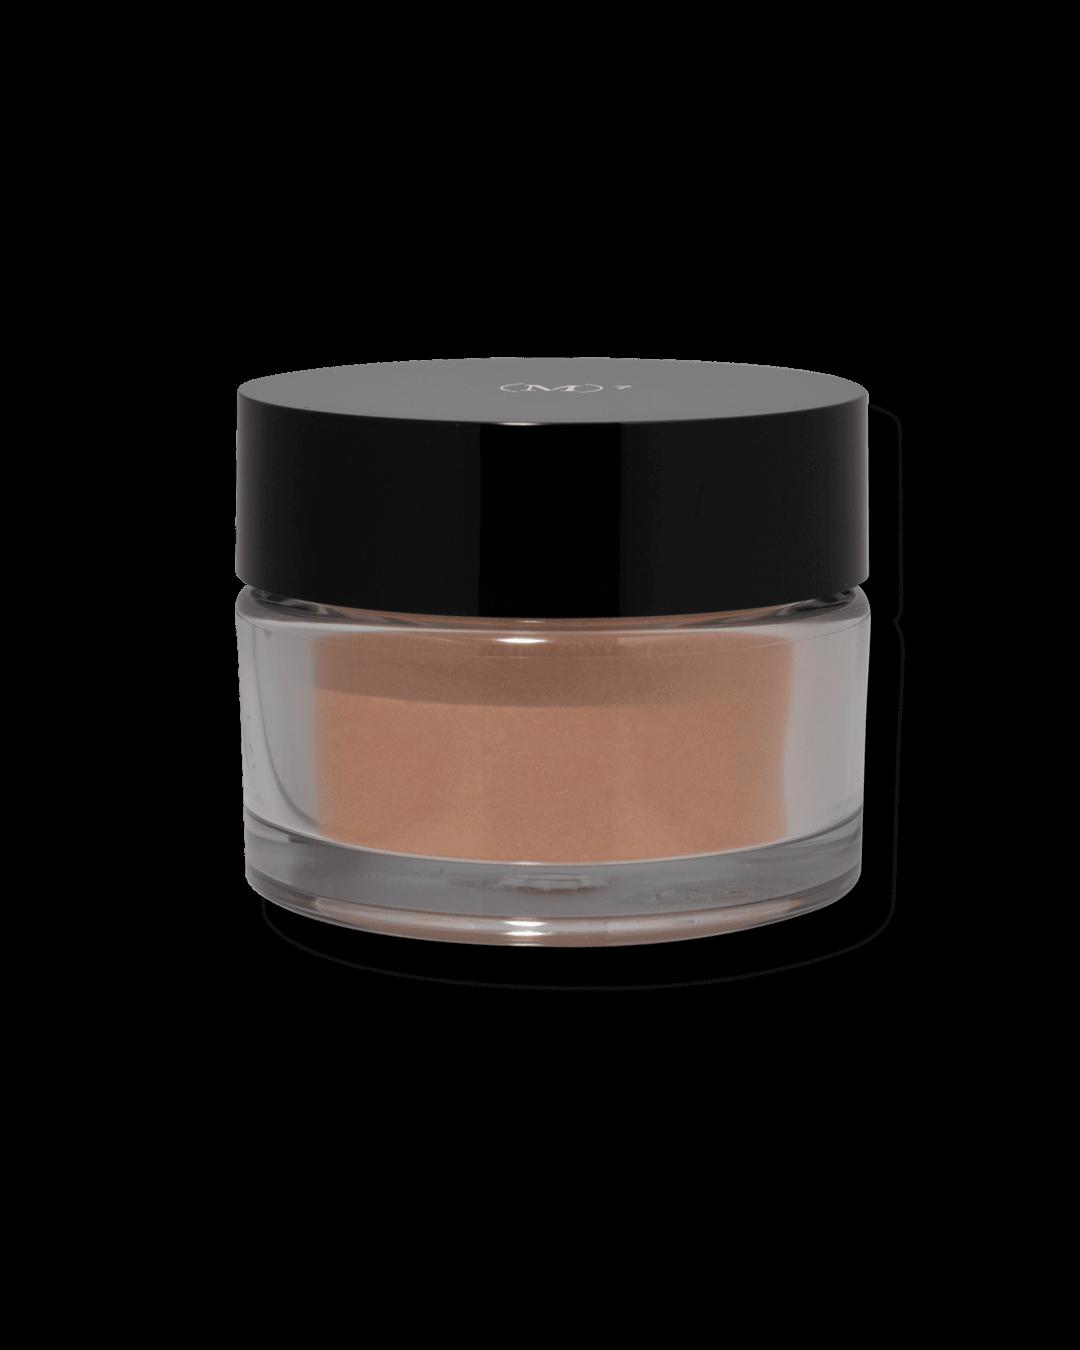 Silk glow powder